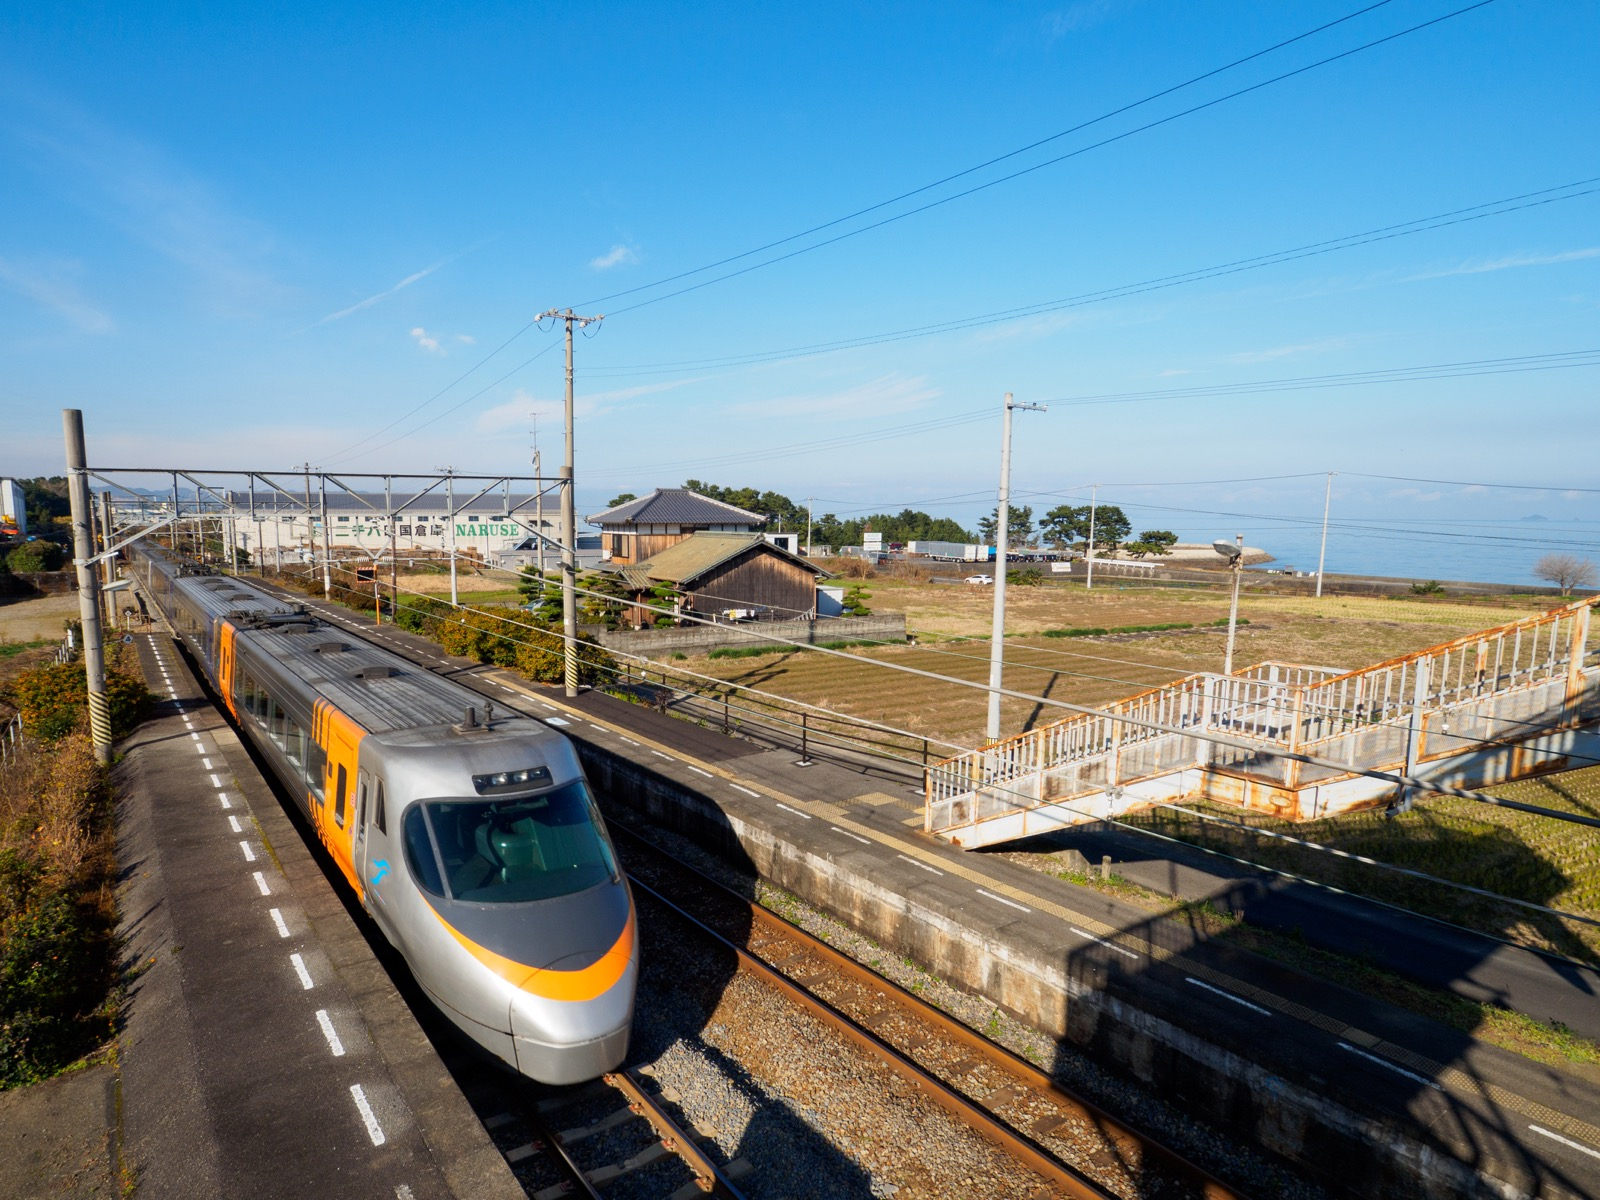 伊予寒川駅を通過する特急列車